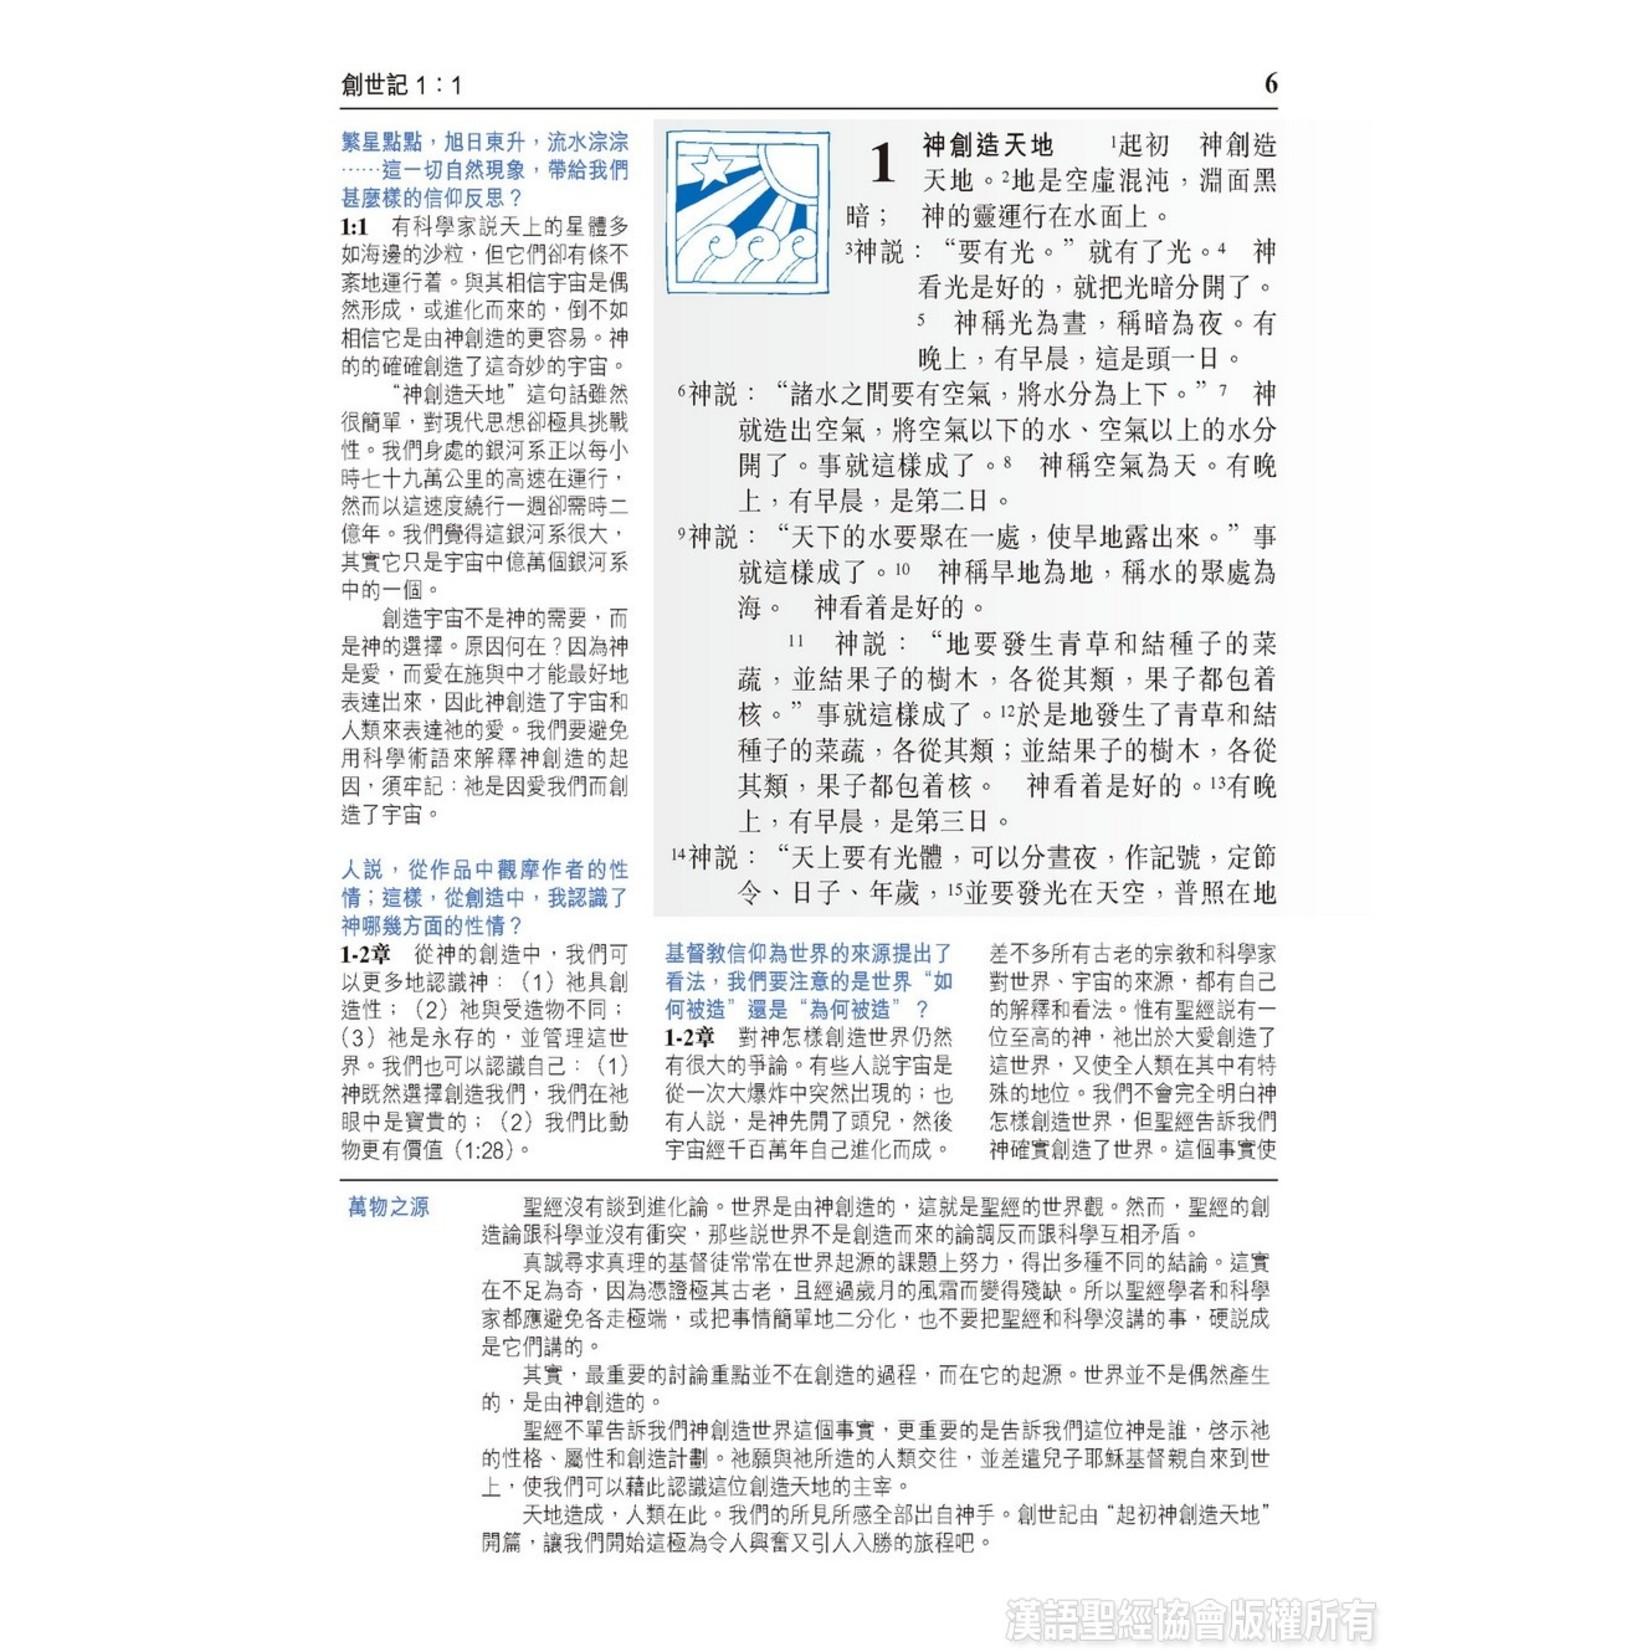 漢語聖經協會 Chinese Bible International 聖經.和合本.靈修版.黑色仿皮面.金邊(繁體)